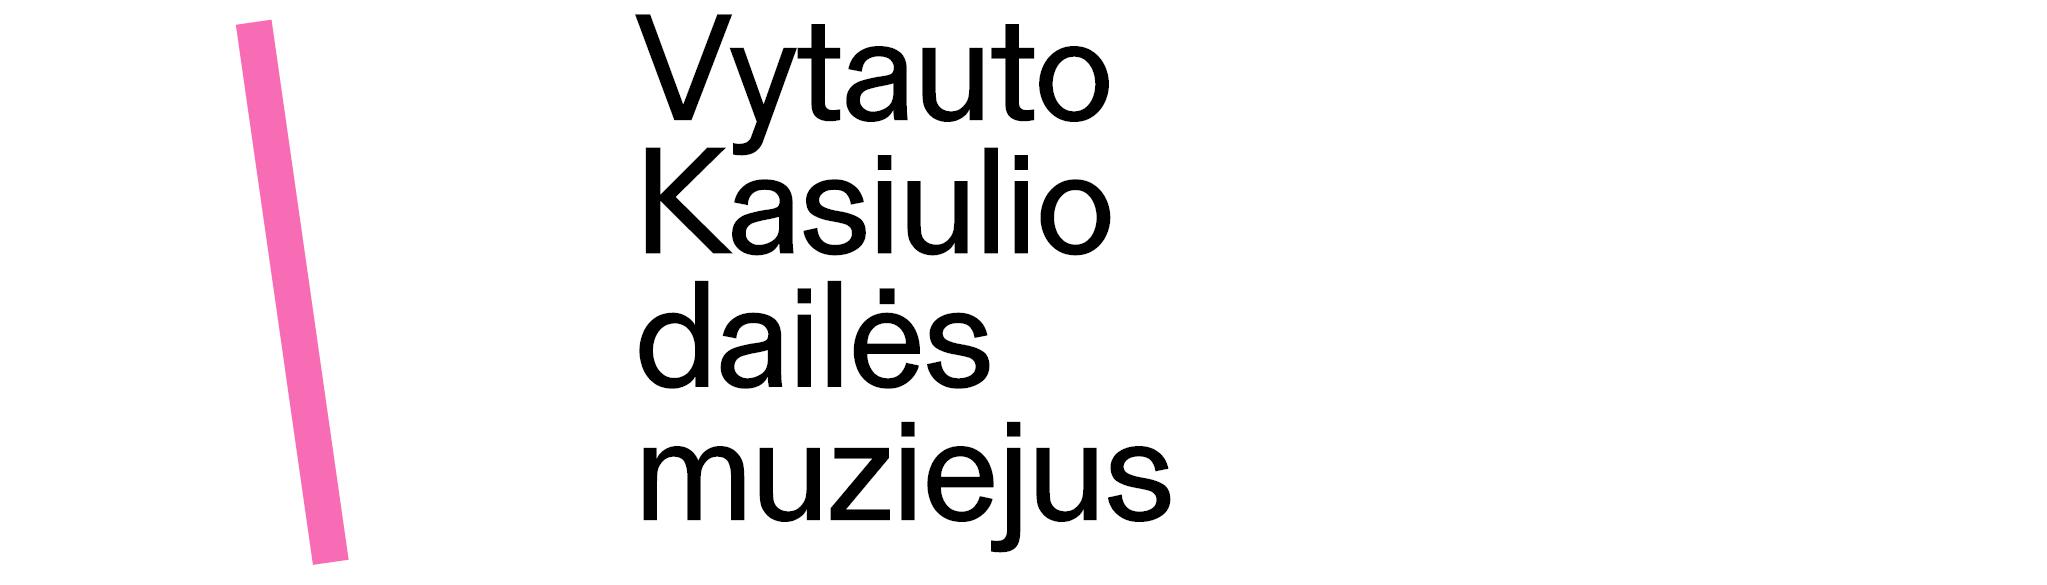 Vytauto Kasiulio dailės muziejus